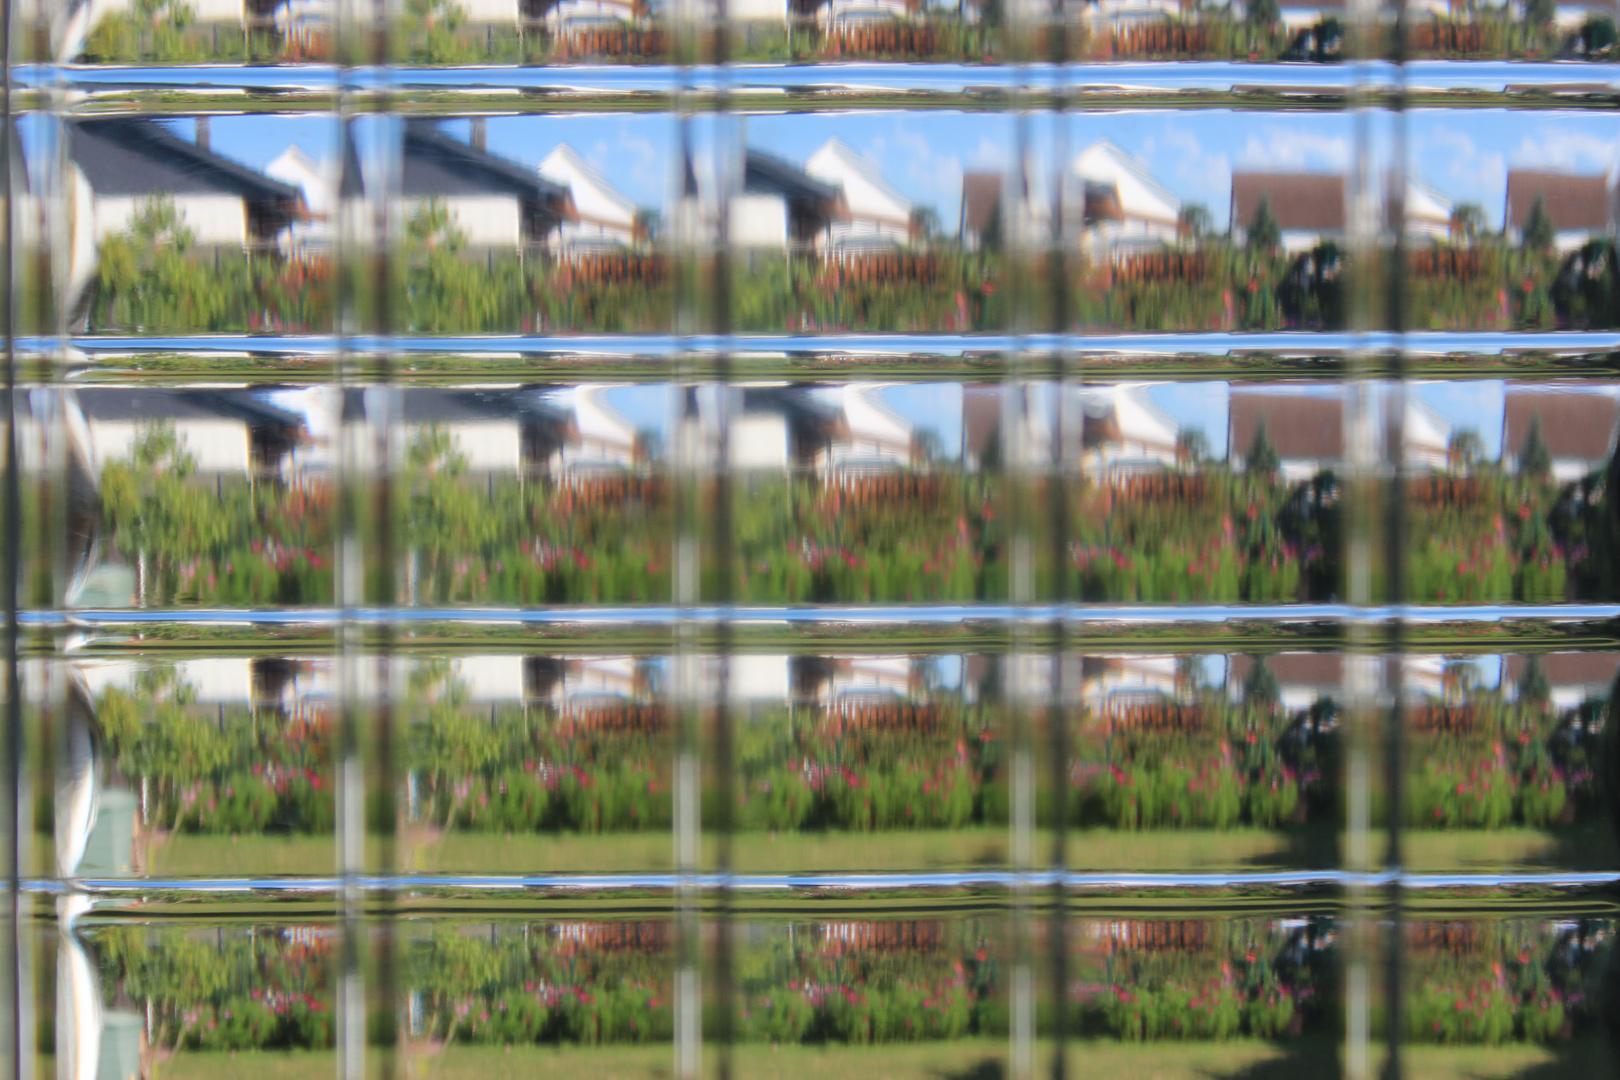 Bewegte Aussichten in Glas